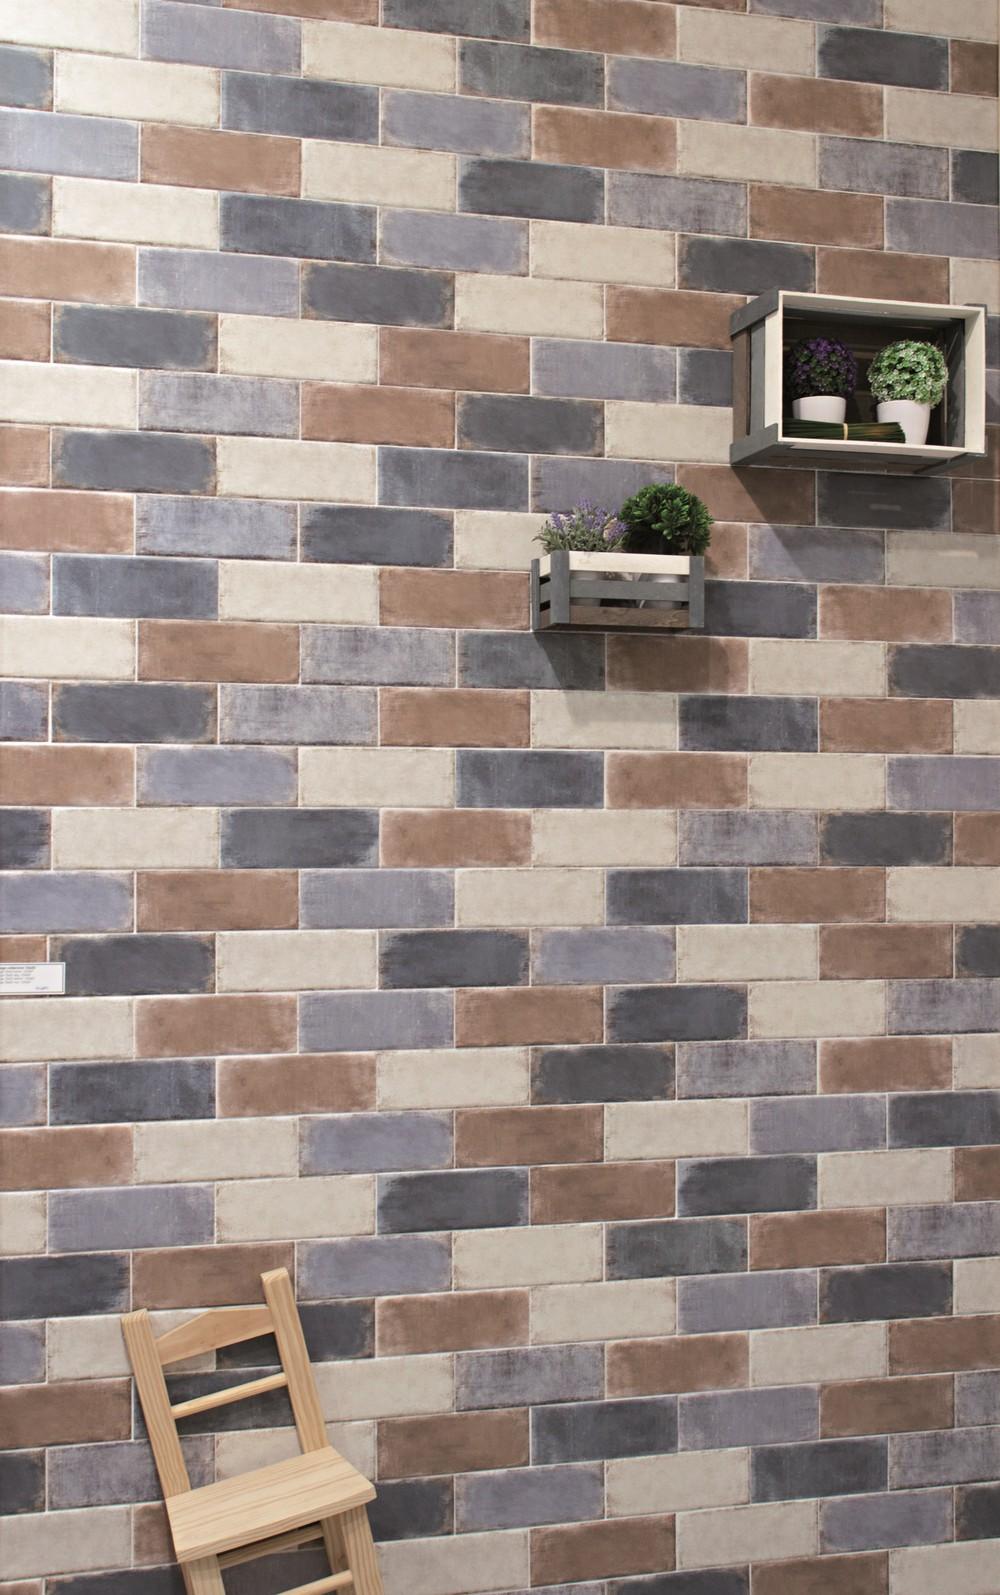 Comprar azulejos ba o del ambiente vintage bath ondacer s l for Azulejos vintage bano